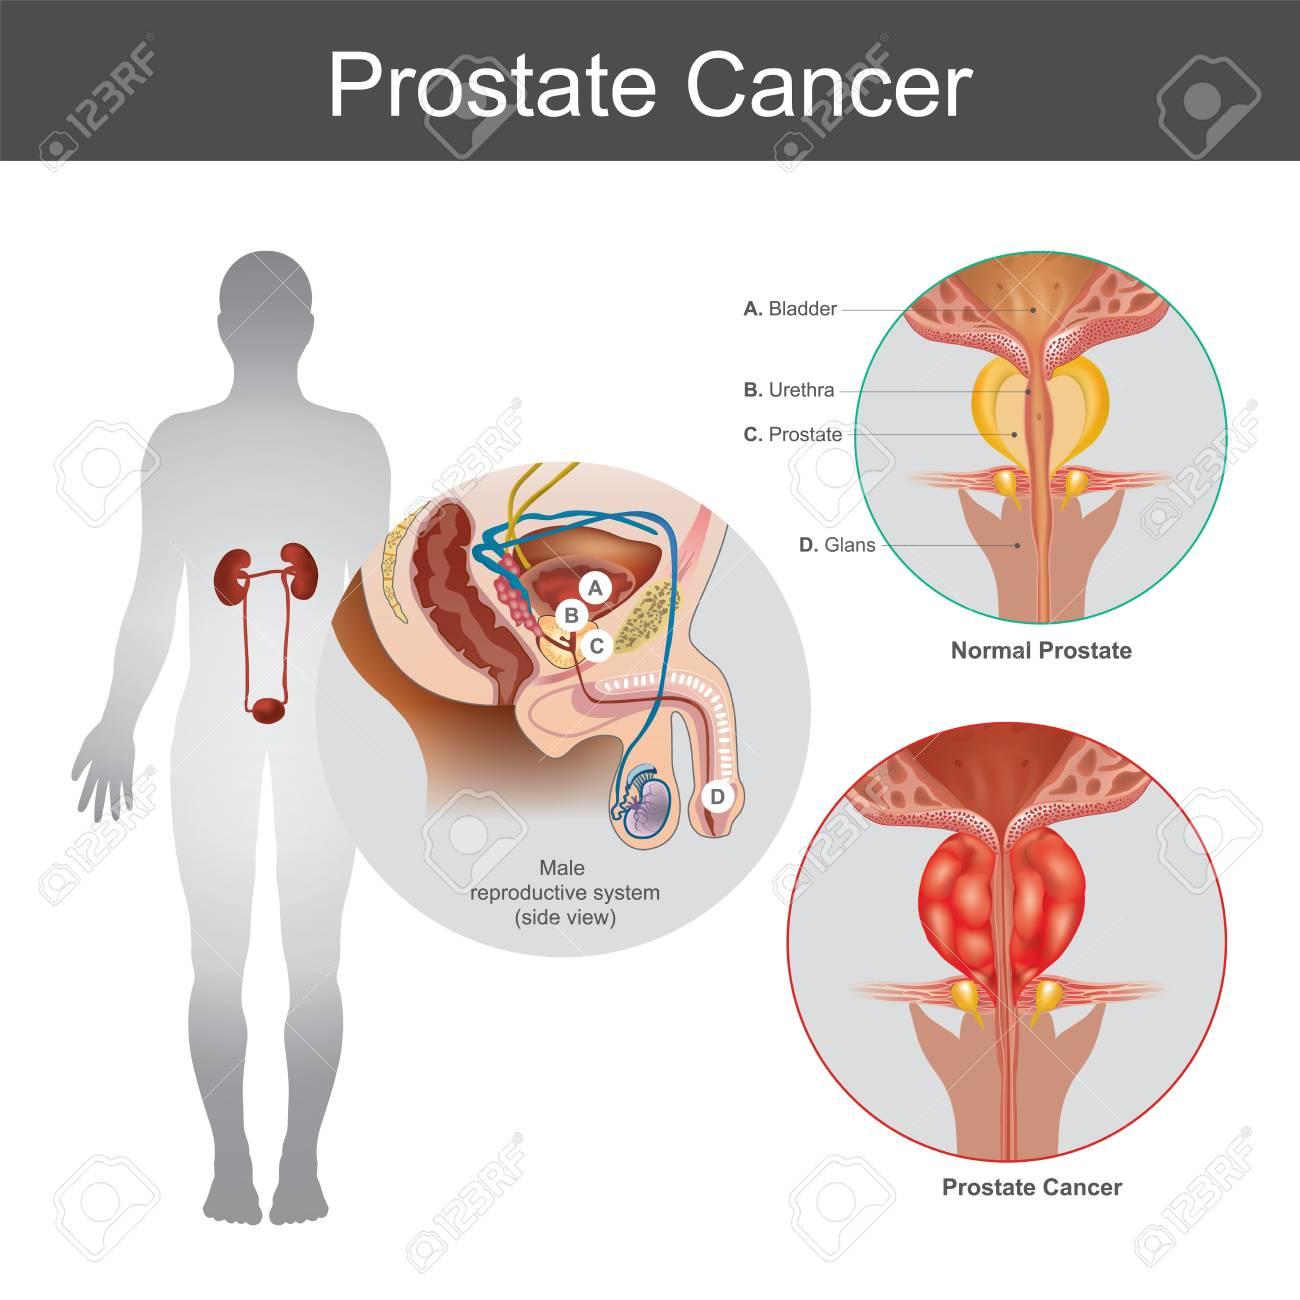 il cancro alla prostata uccide gli uomini